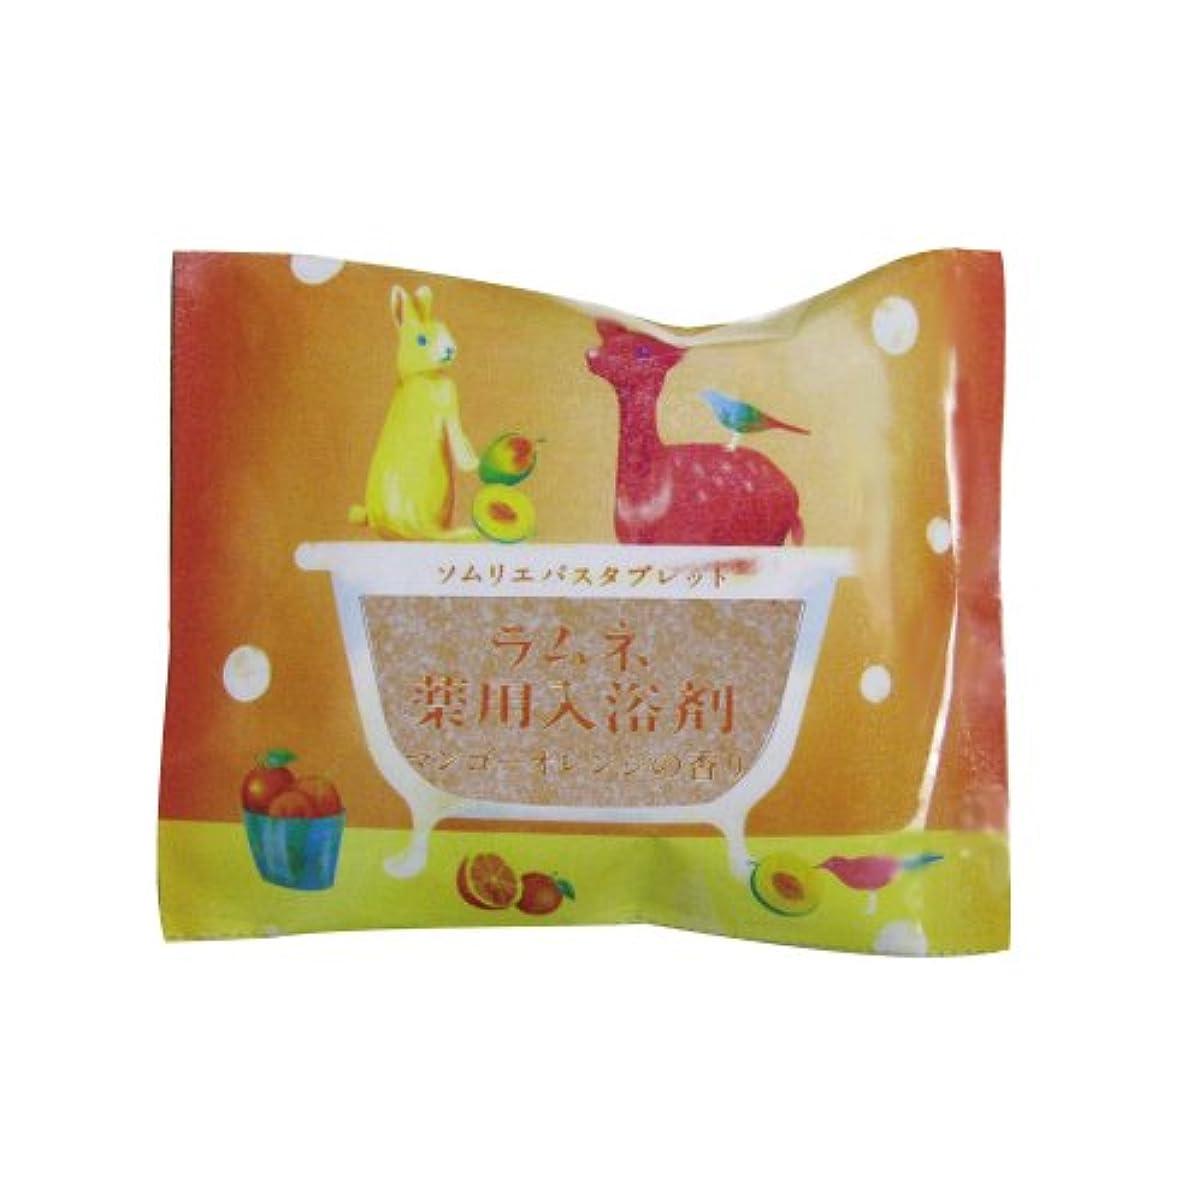 旅行者トリムシーケンスソムリエバスタブレット ラムネ薬用入浴剤 マンゴーオレンジの香り 12個セット